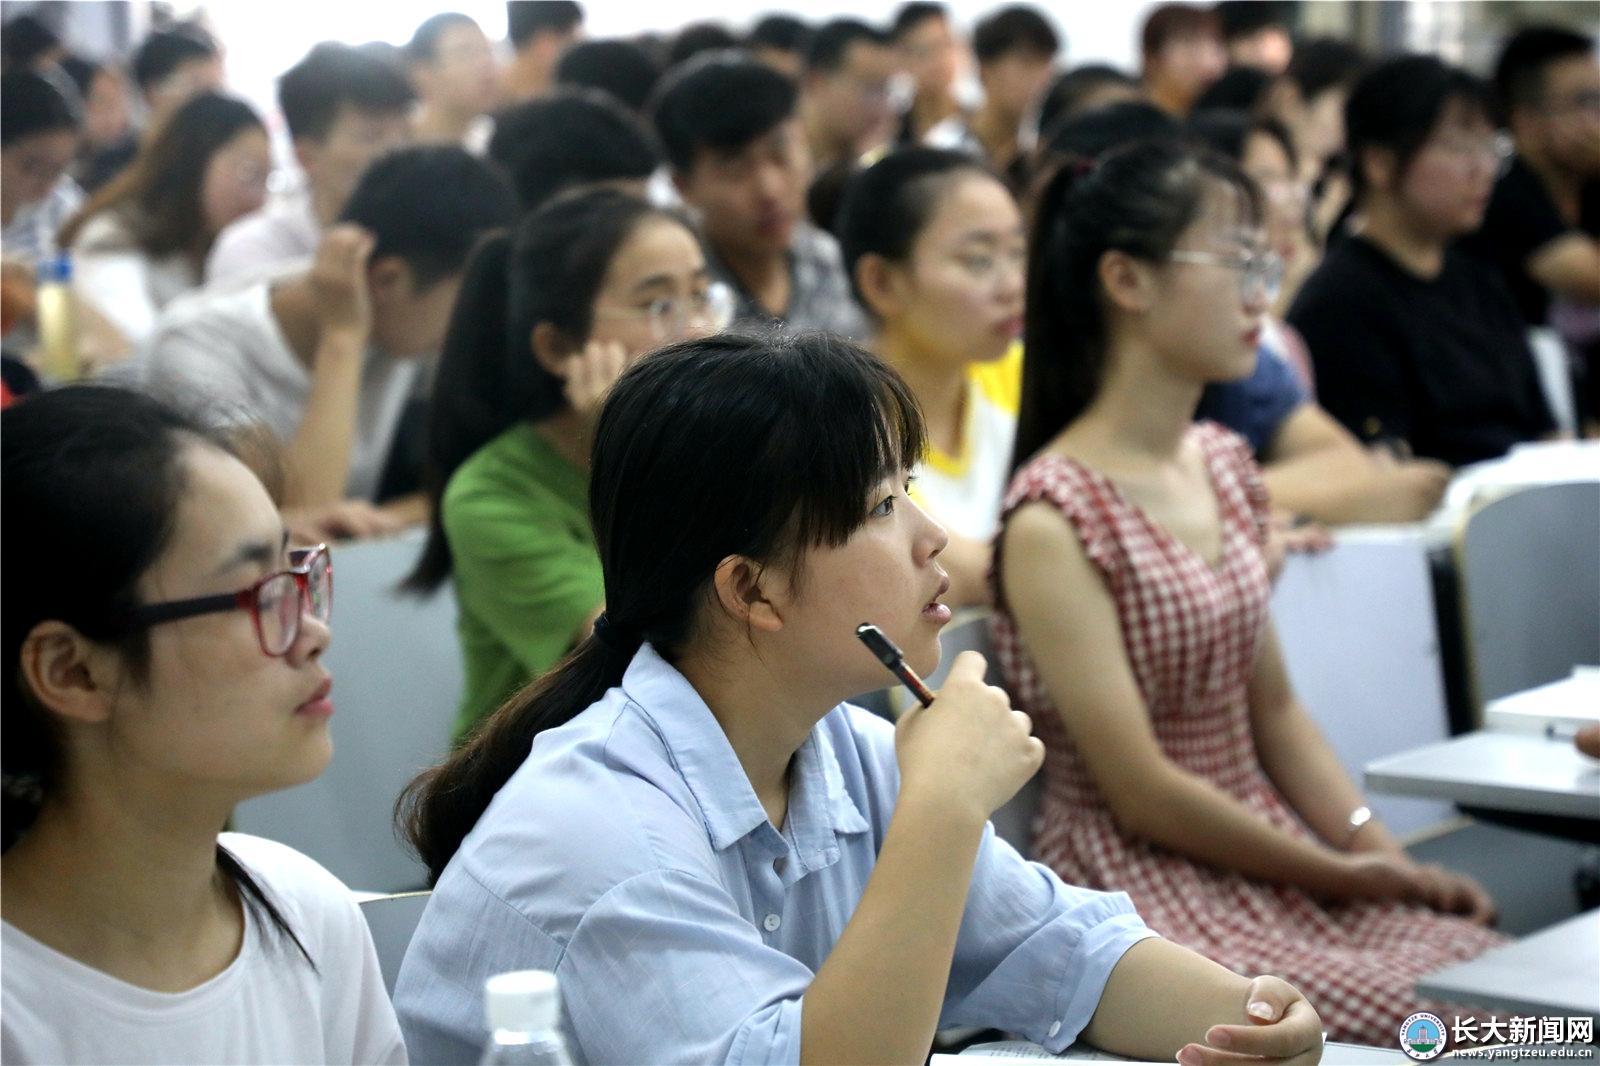 【开学第一天】课堂教学秩序良好